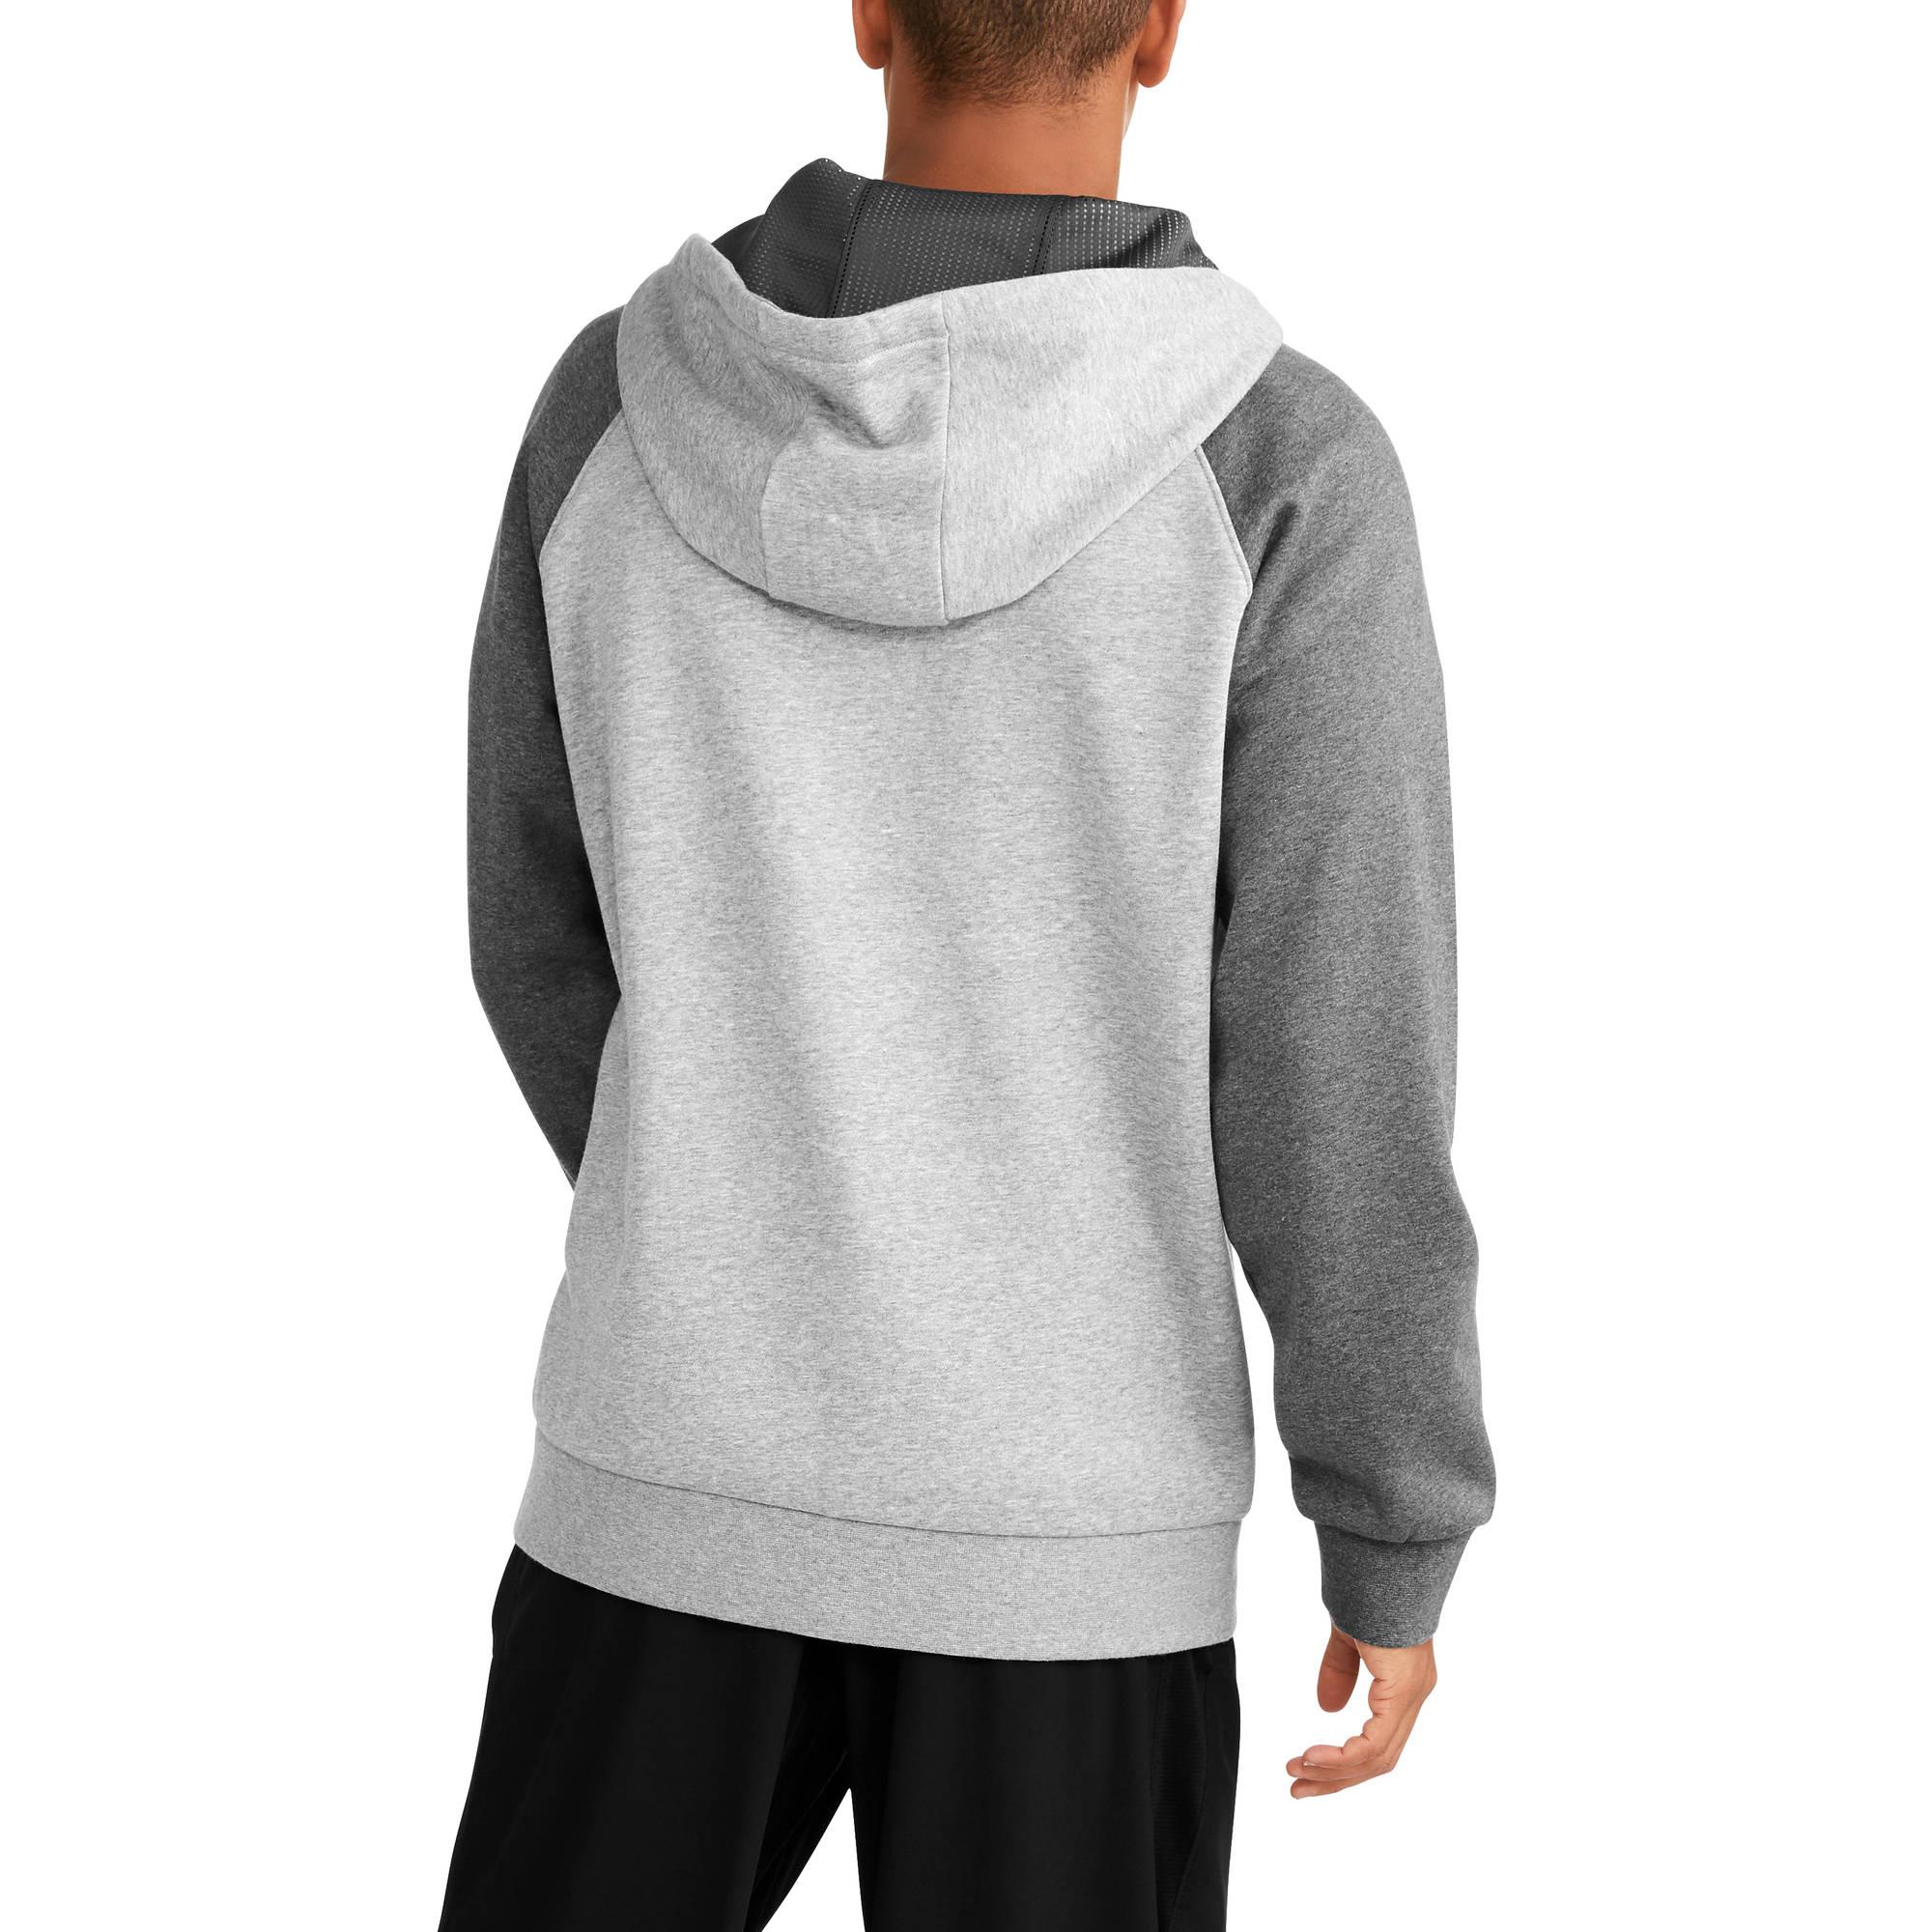 c8268fda508 Russell - Men s Premium Fleece Full-Zip Hoodie - Walmart.com